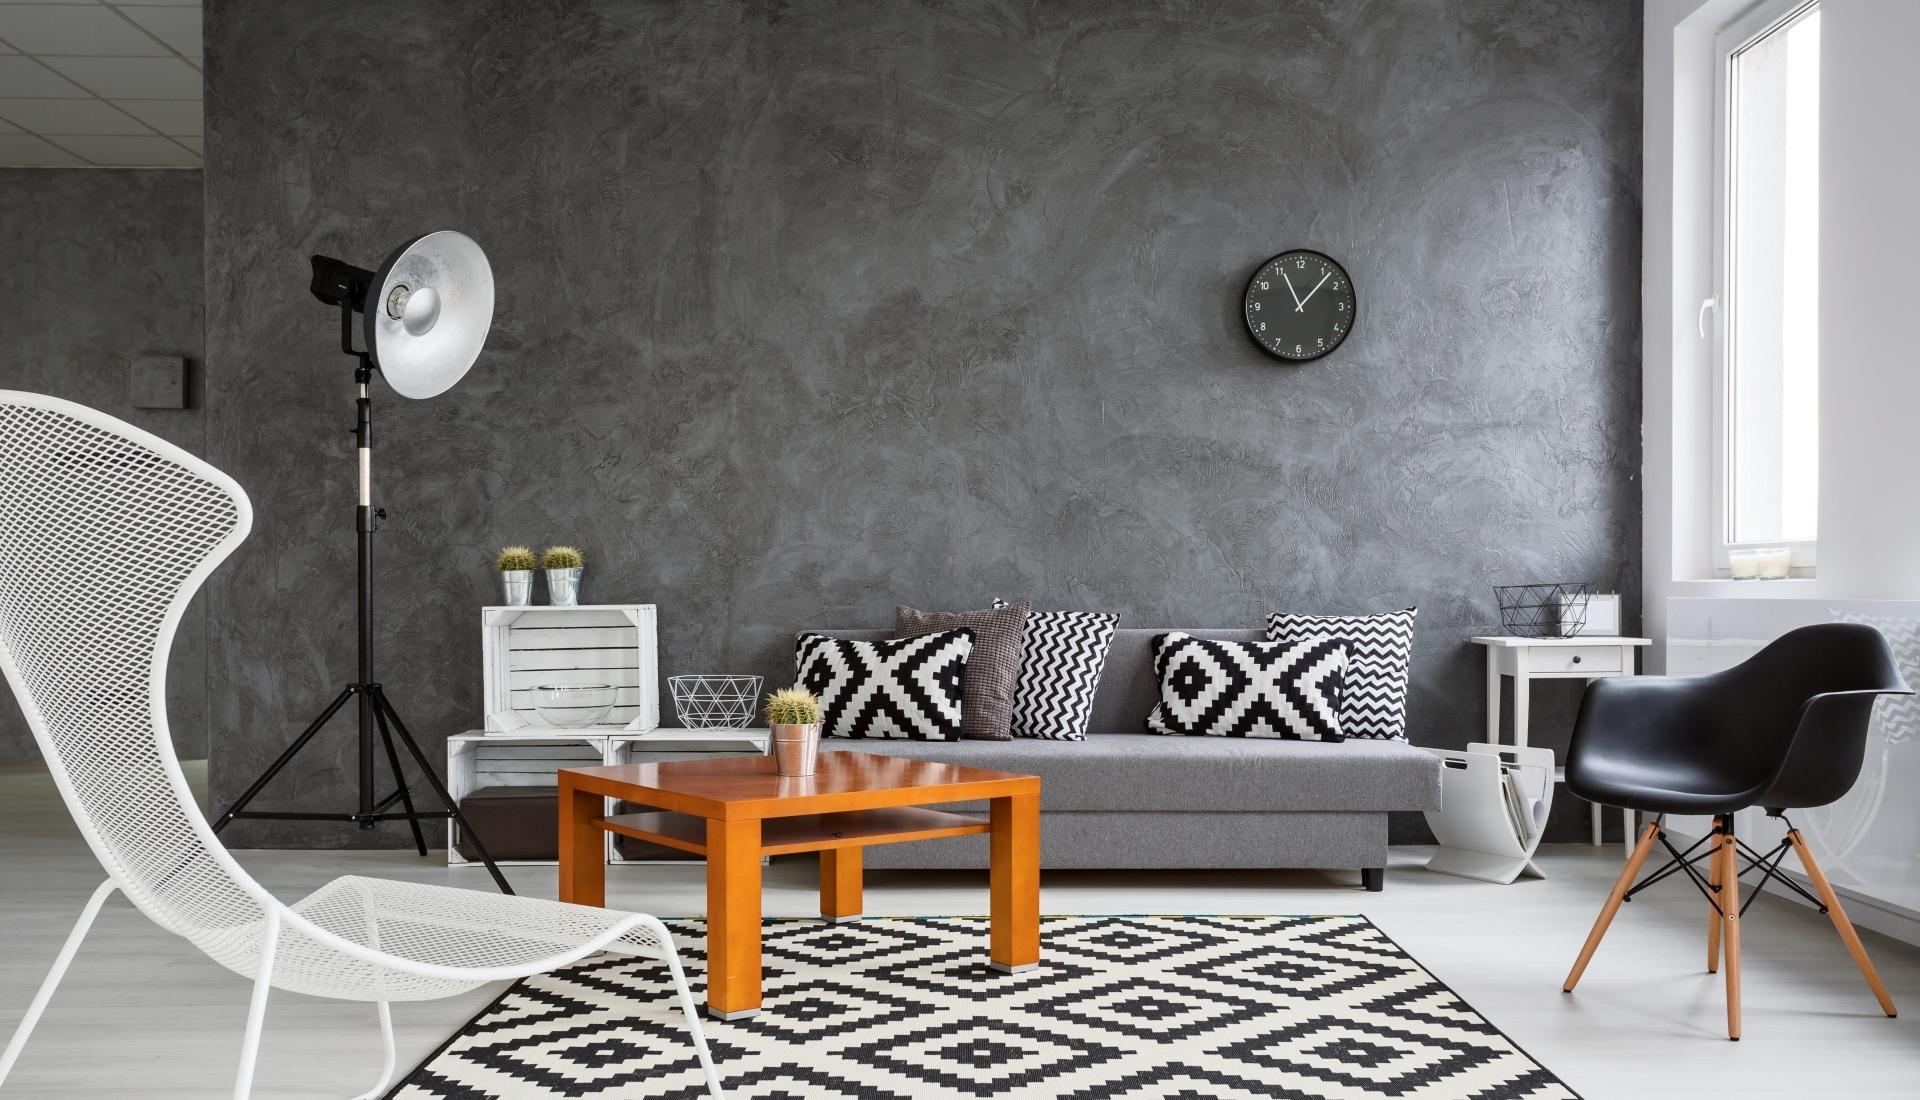 Vloerbedekking Met Motief : Vloerbedekking ids interieur heusden zolder